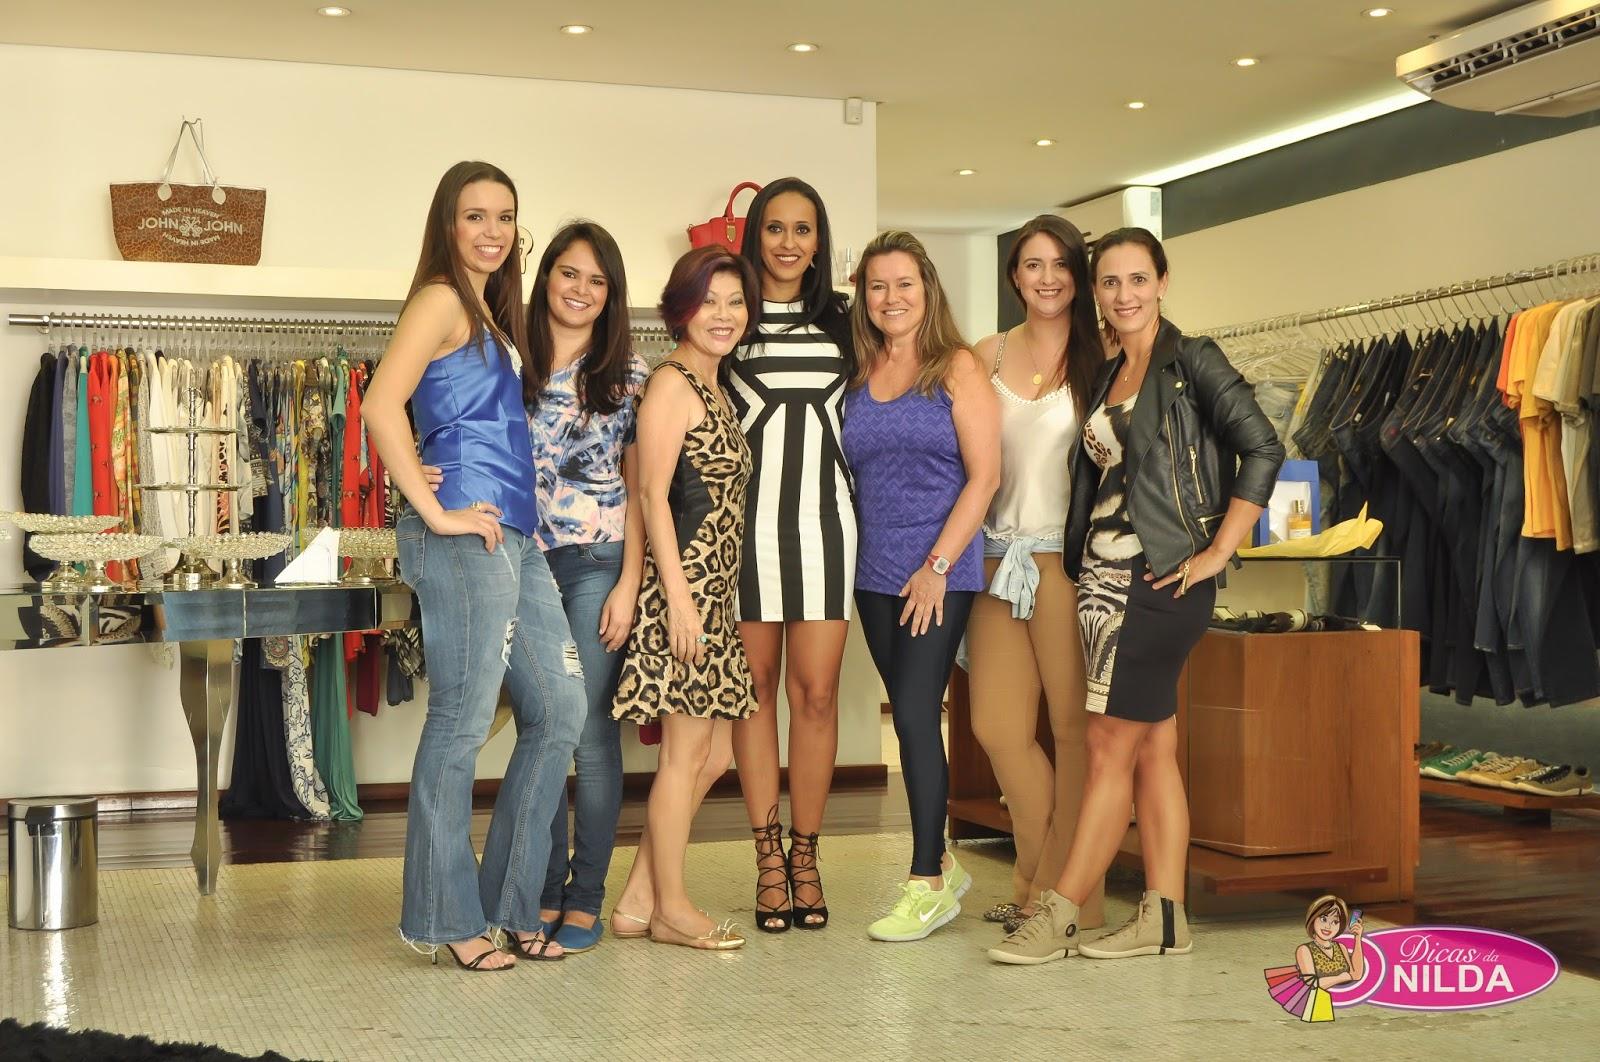 8d93551bb Dicas da Nilda: MODA: Lançamento da nova coleção - Lunna Loca e ...